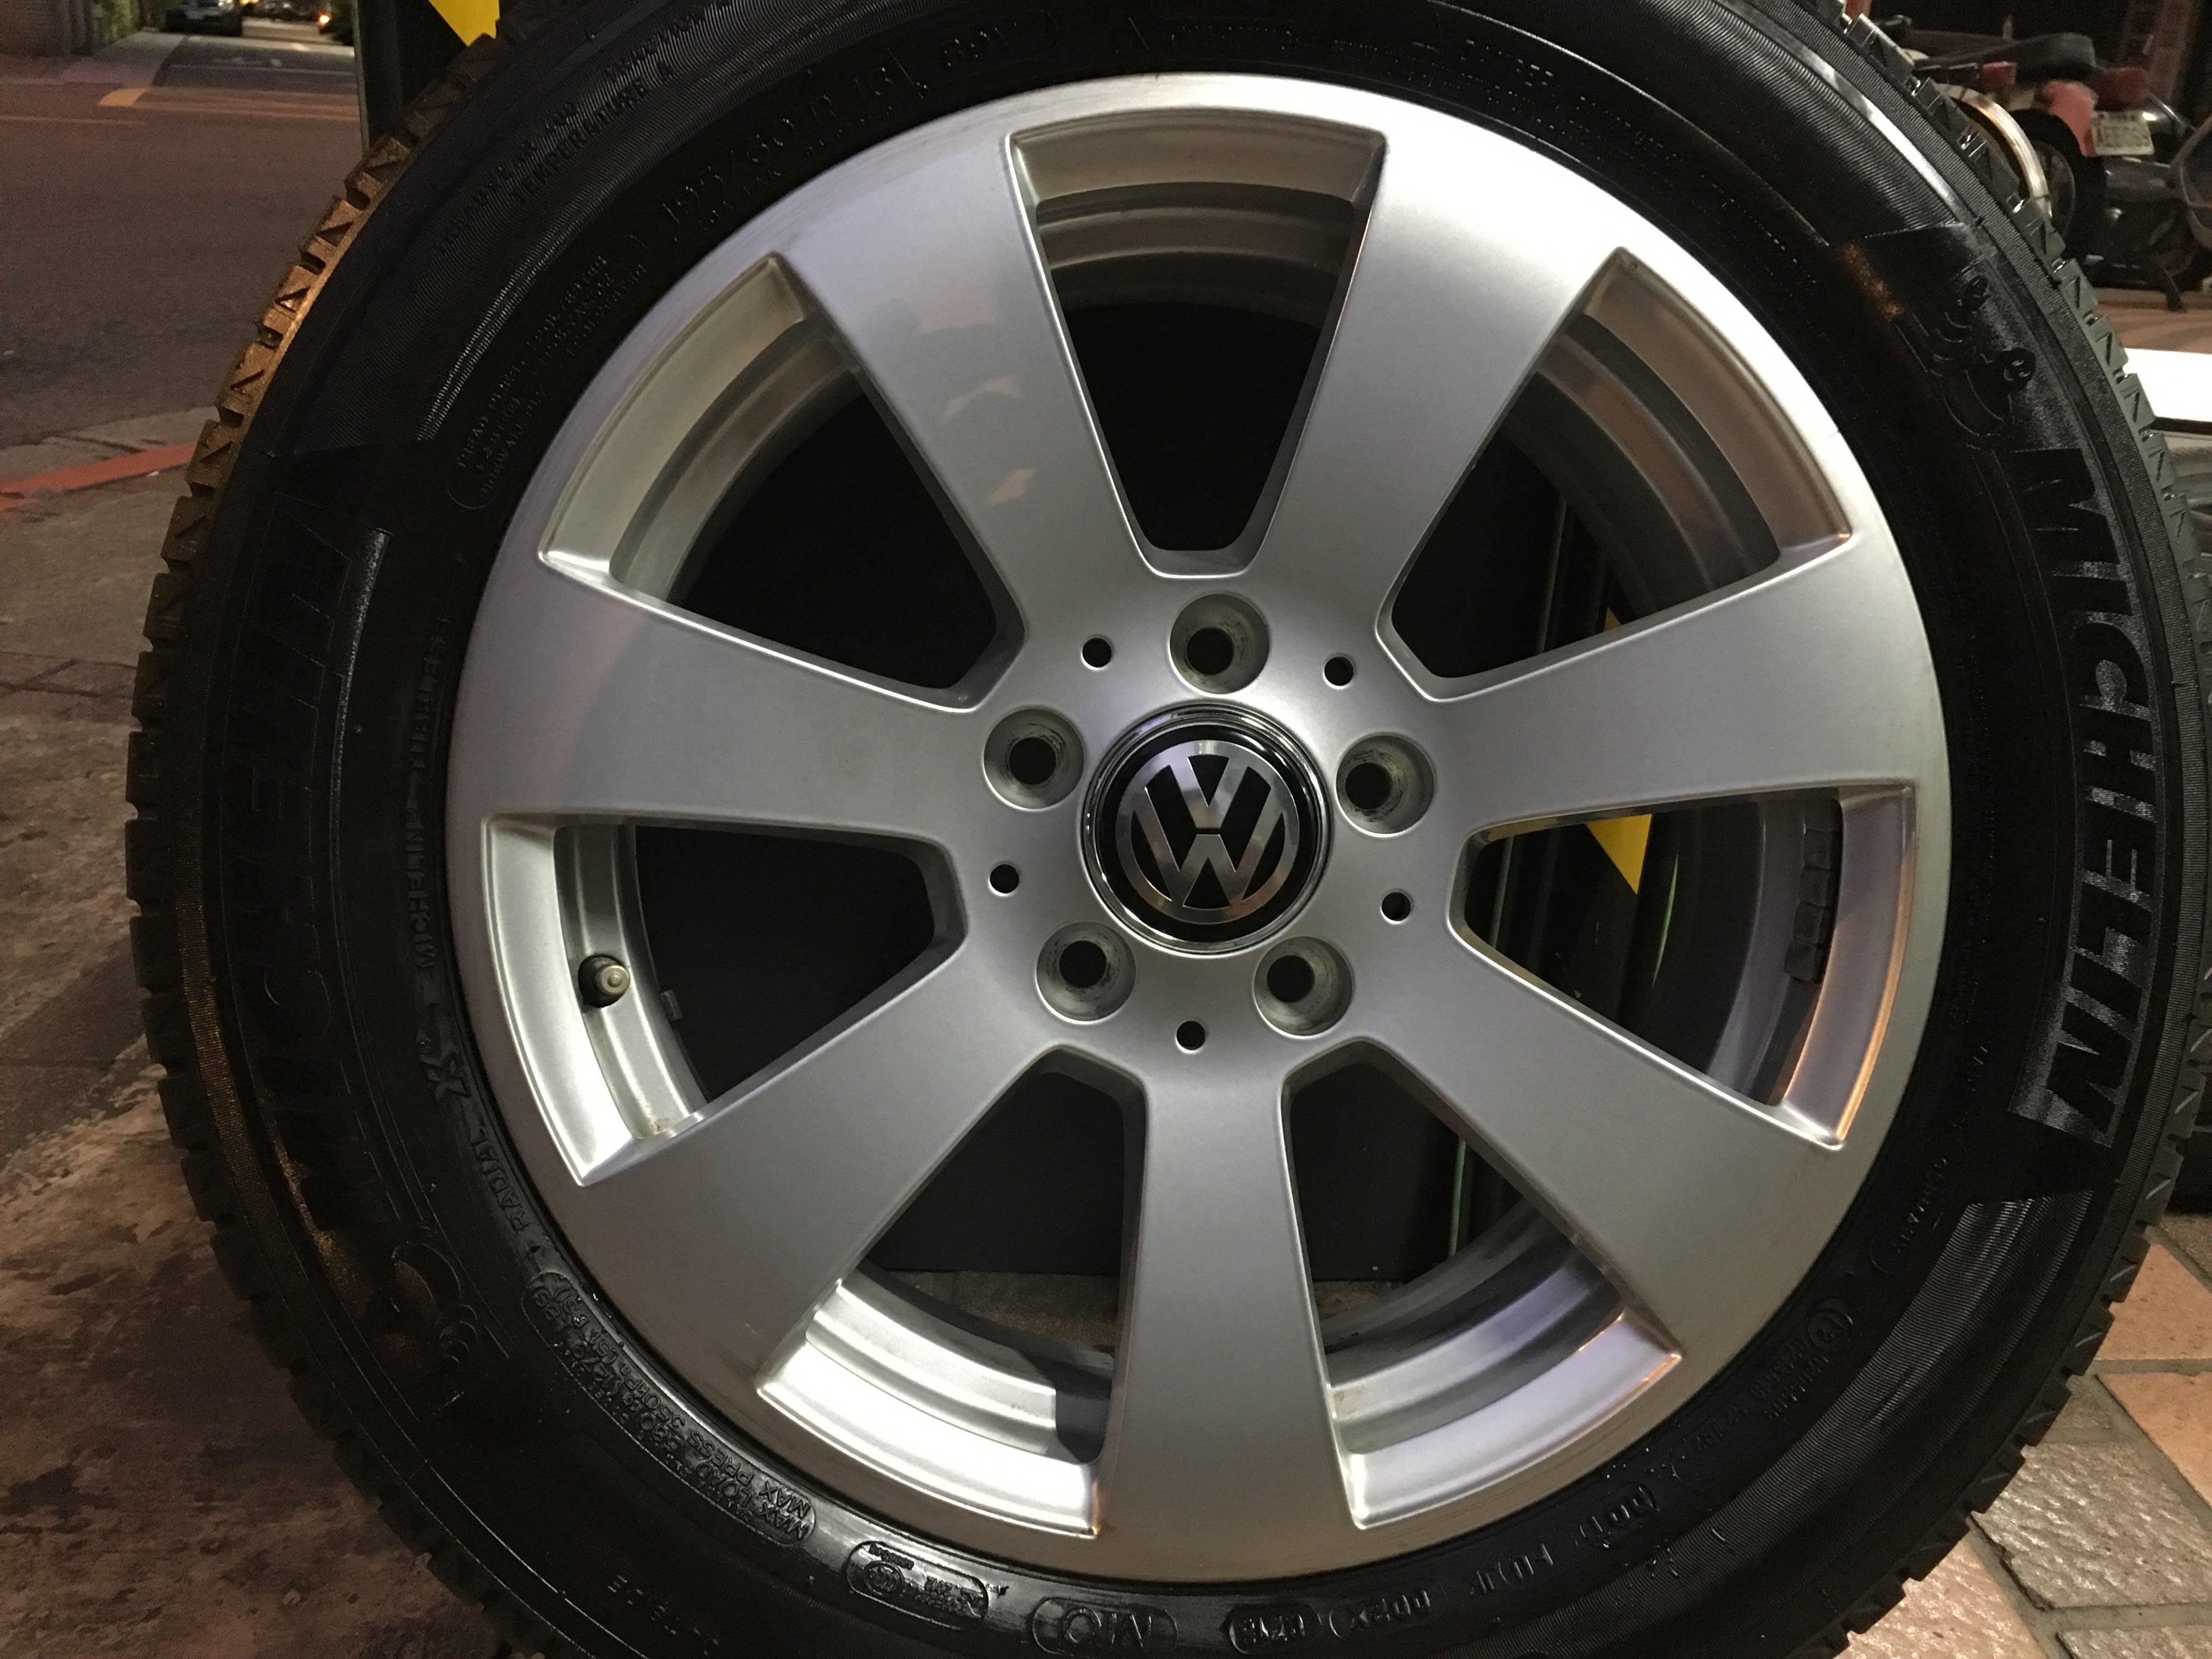 中古 賓士 原廠16吋含胎 BENZ w203 W204 W210 VW T4 Caddy Golf Skoda 福斯